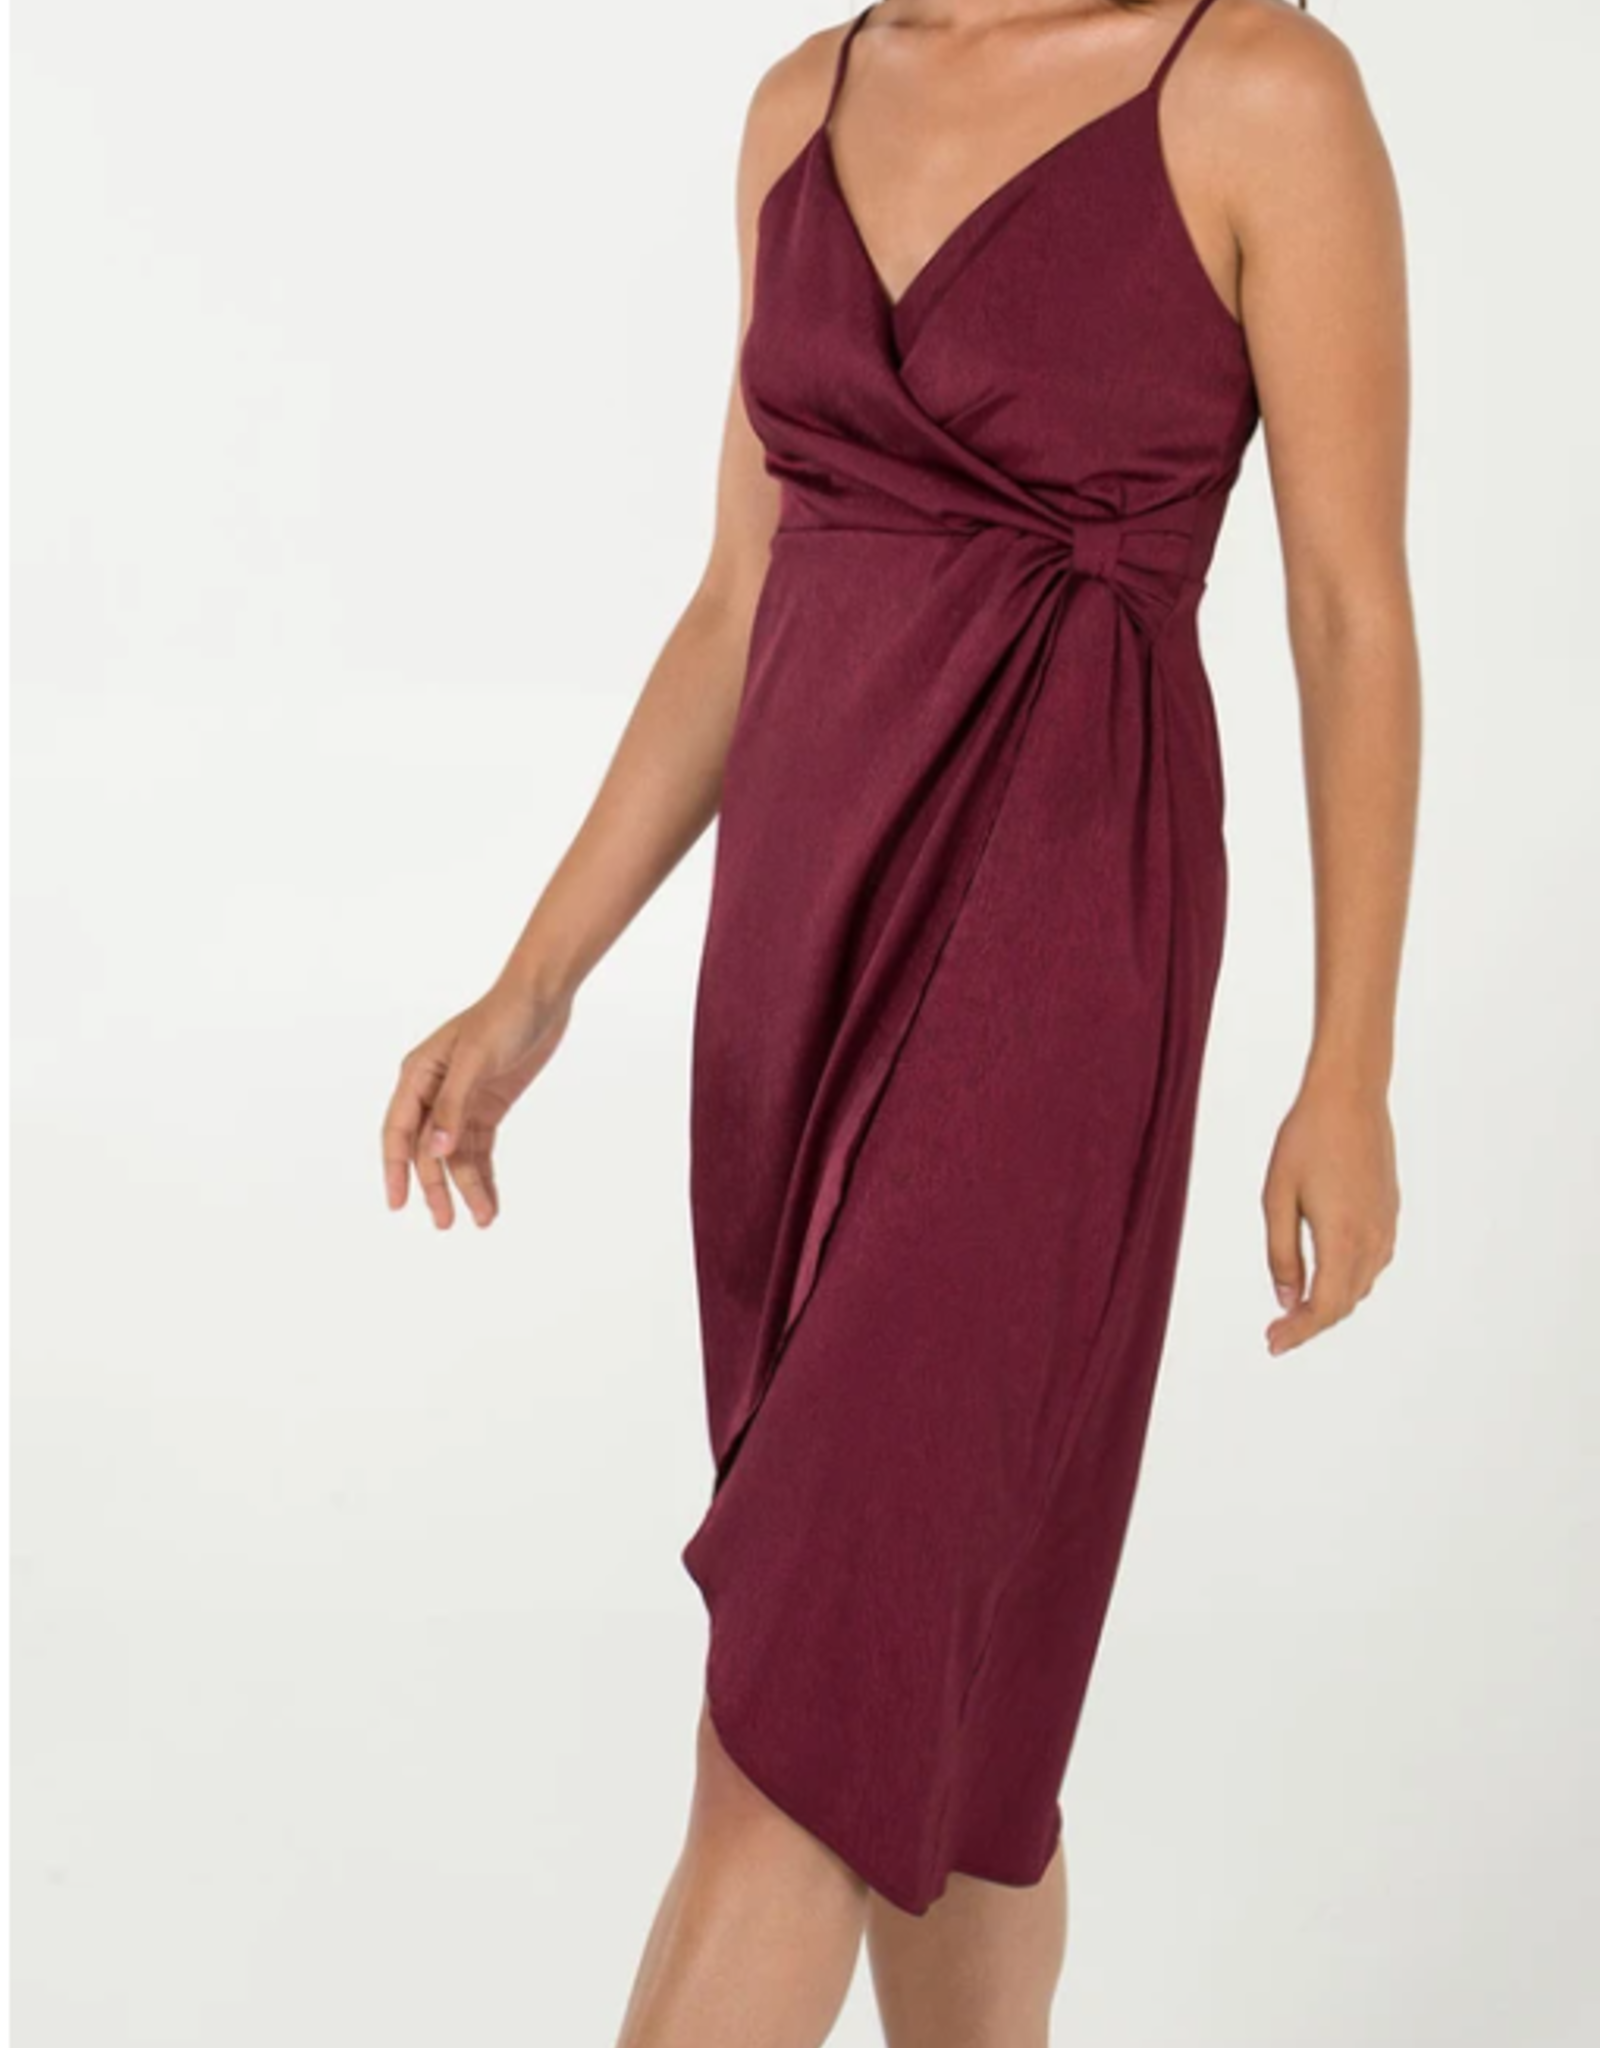 Nova London cami strap wrap dress